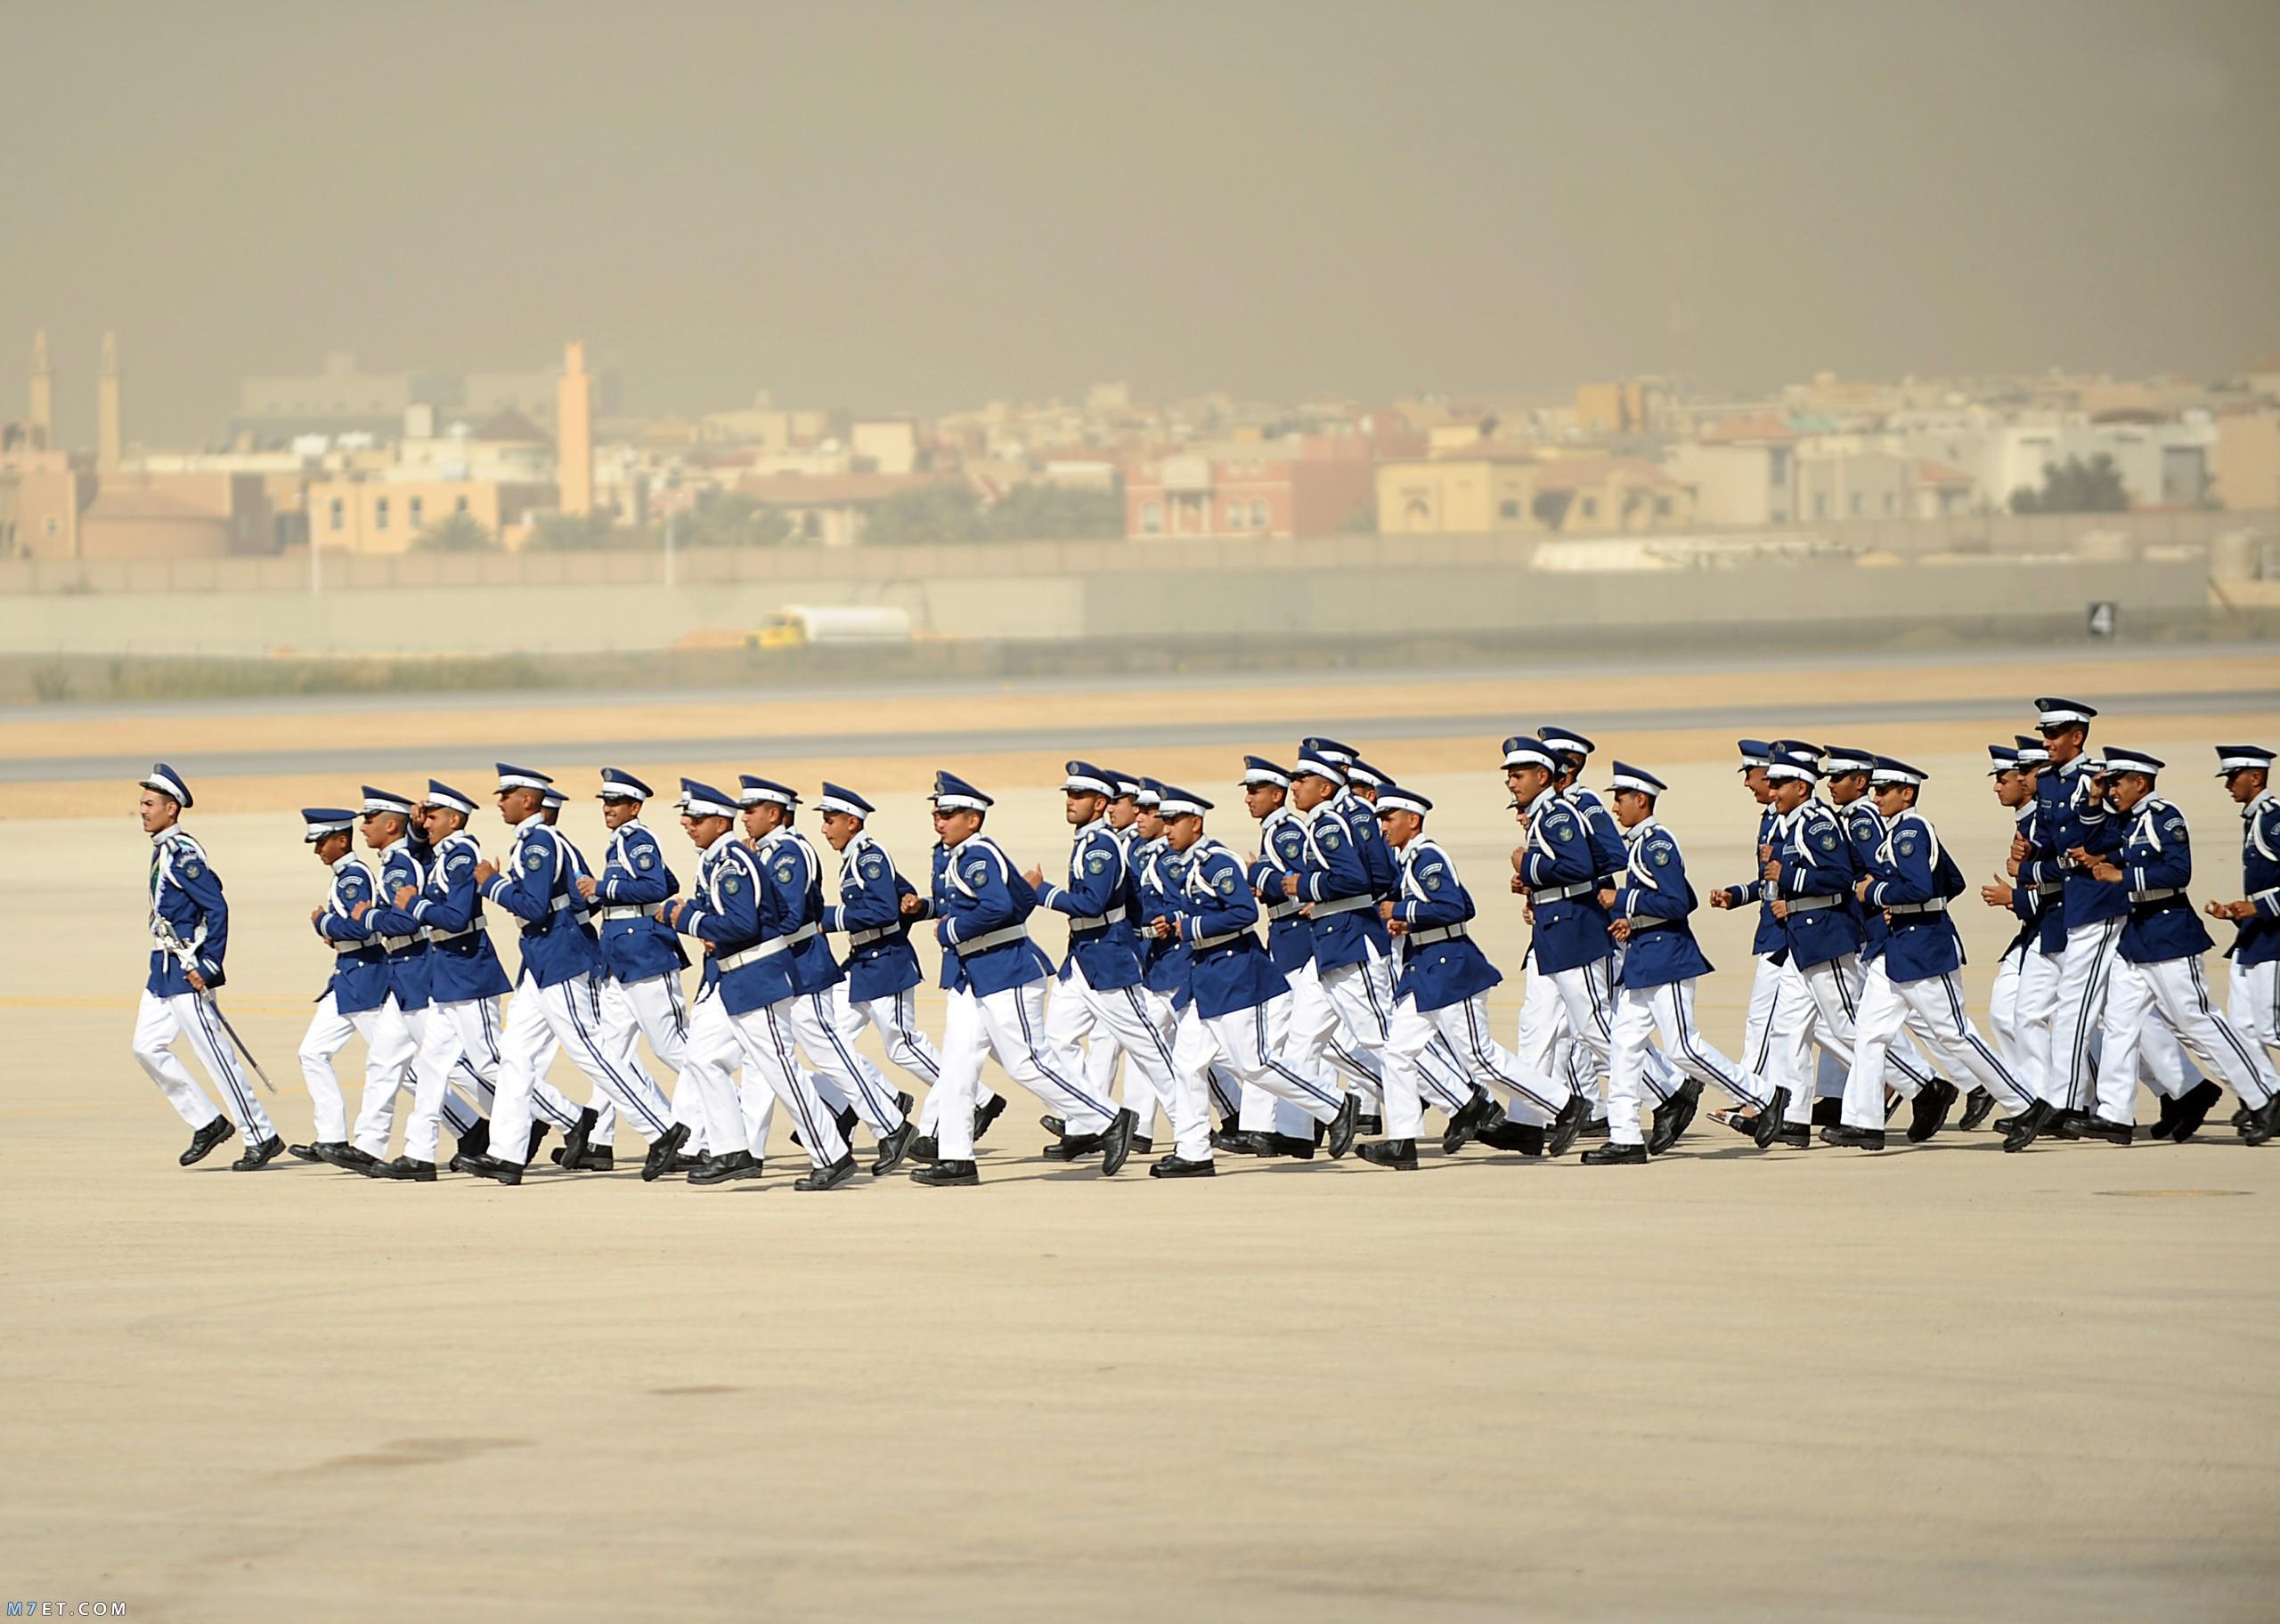 كلية الملك فيصل الجوية